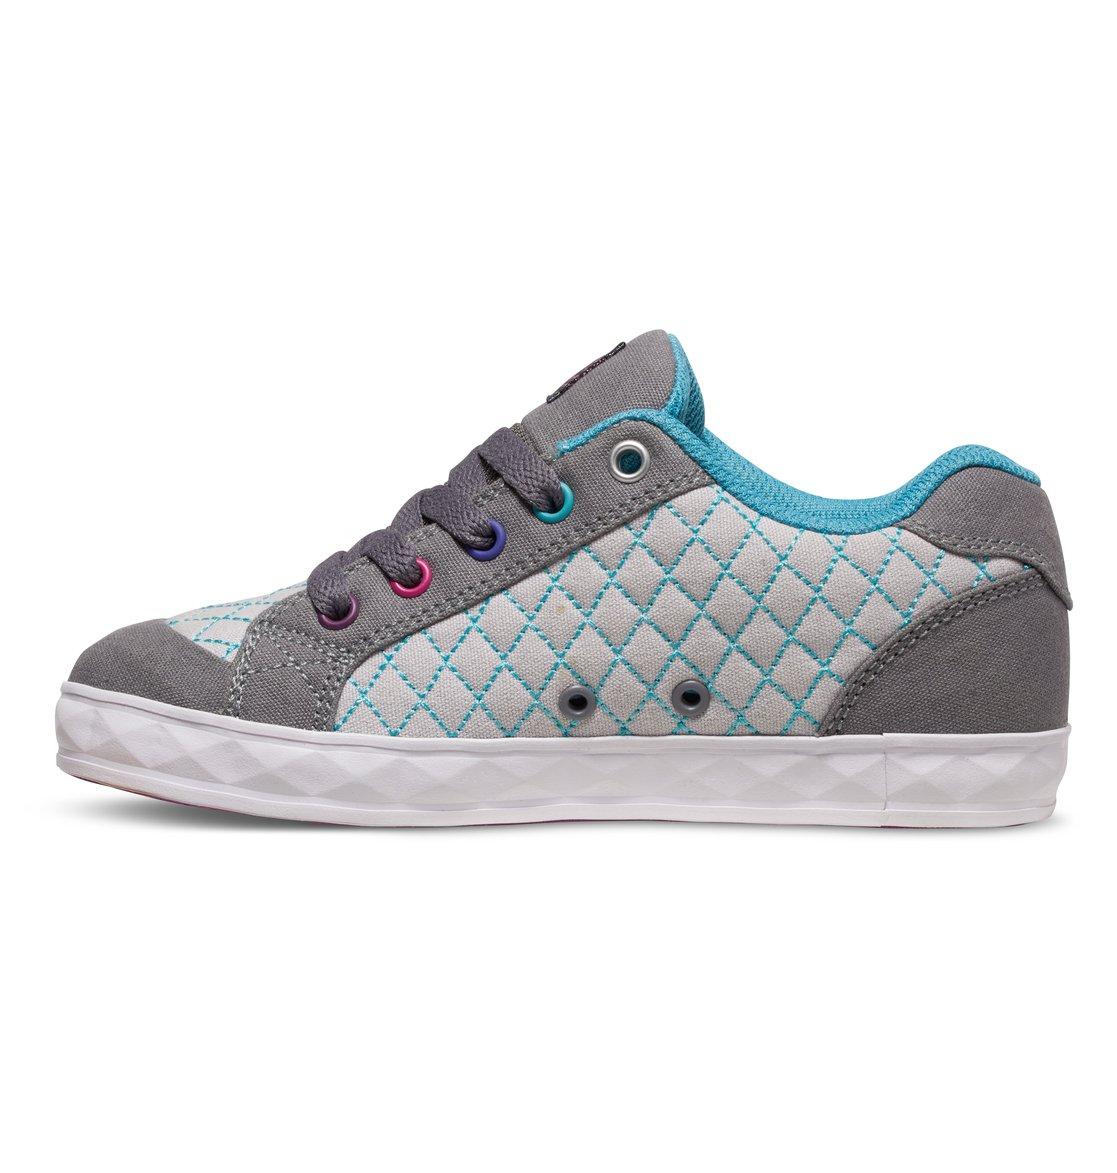 chelsea stud low top shoes 3613371787004 dc shoes